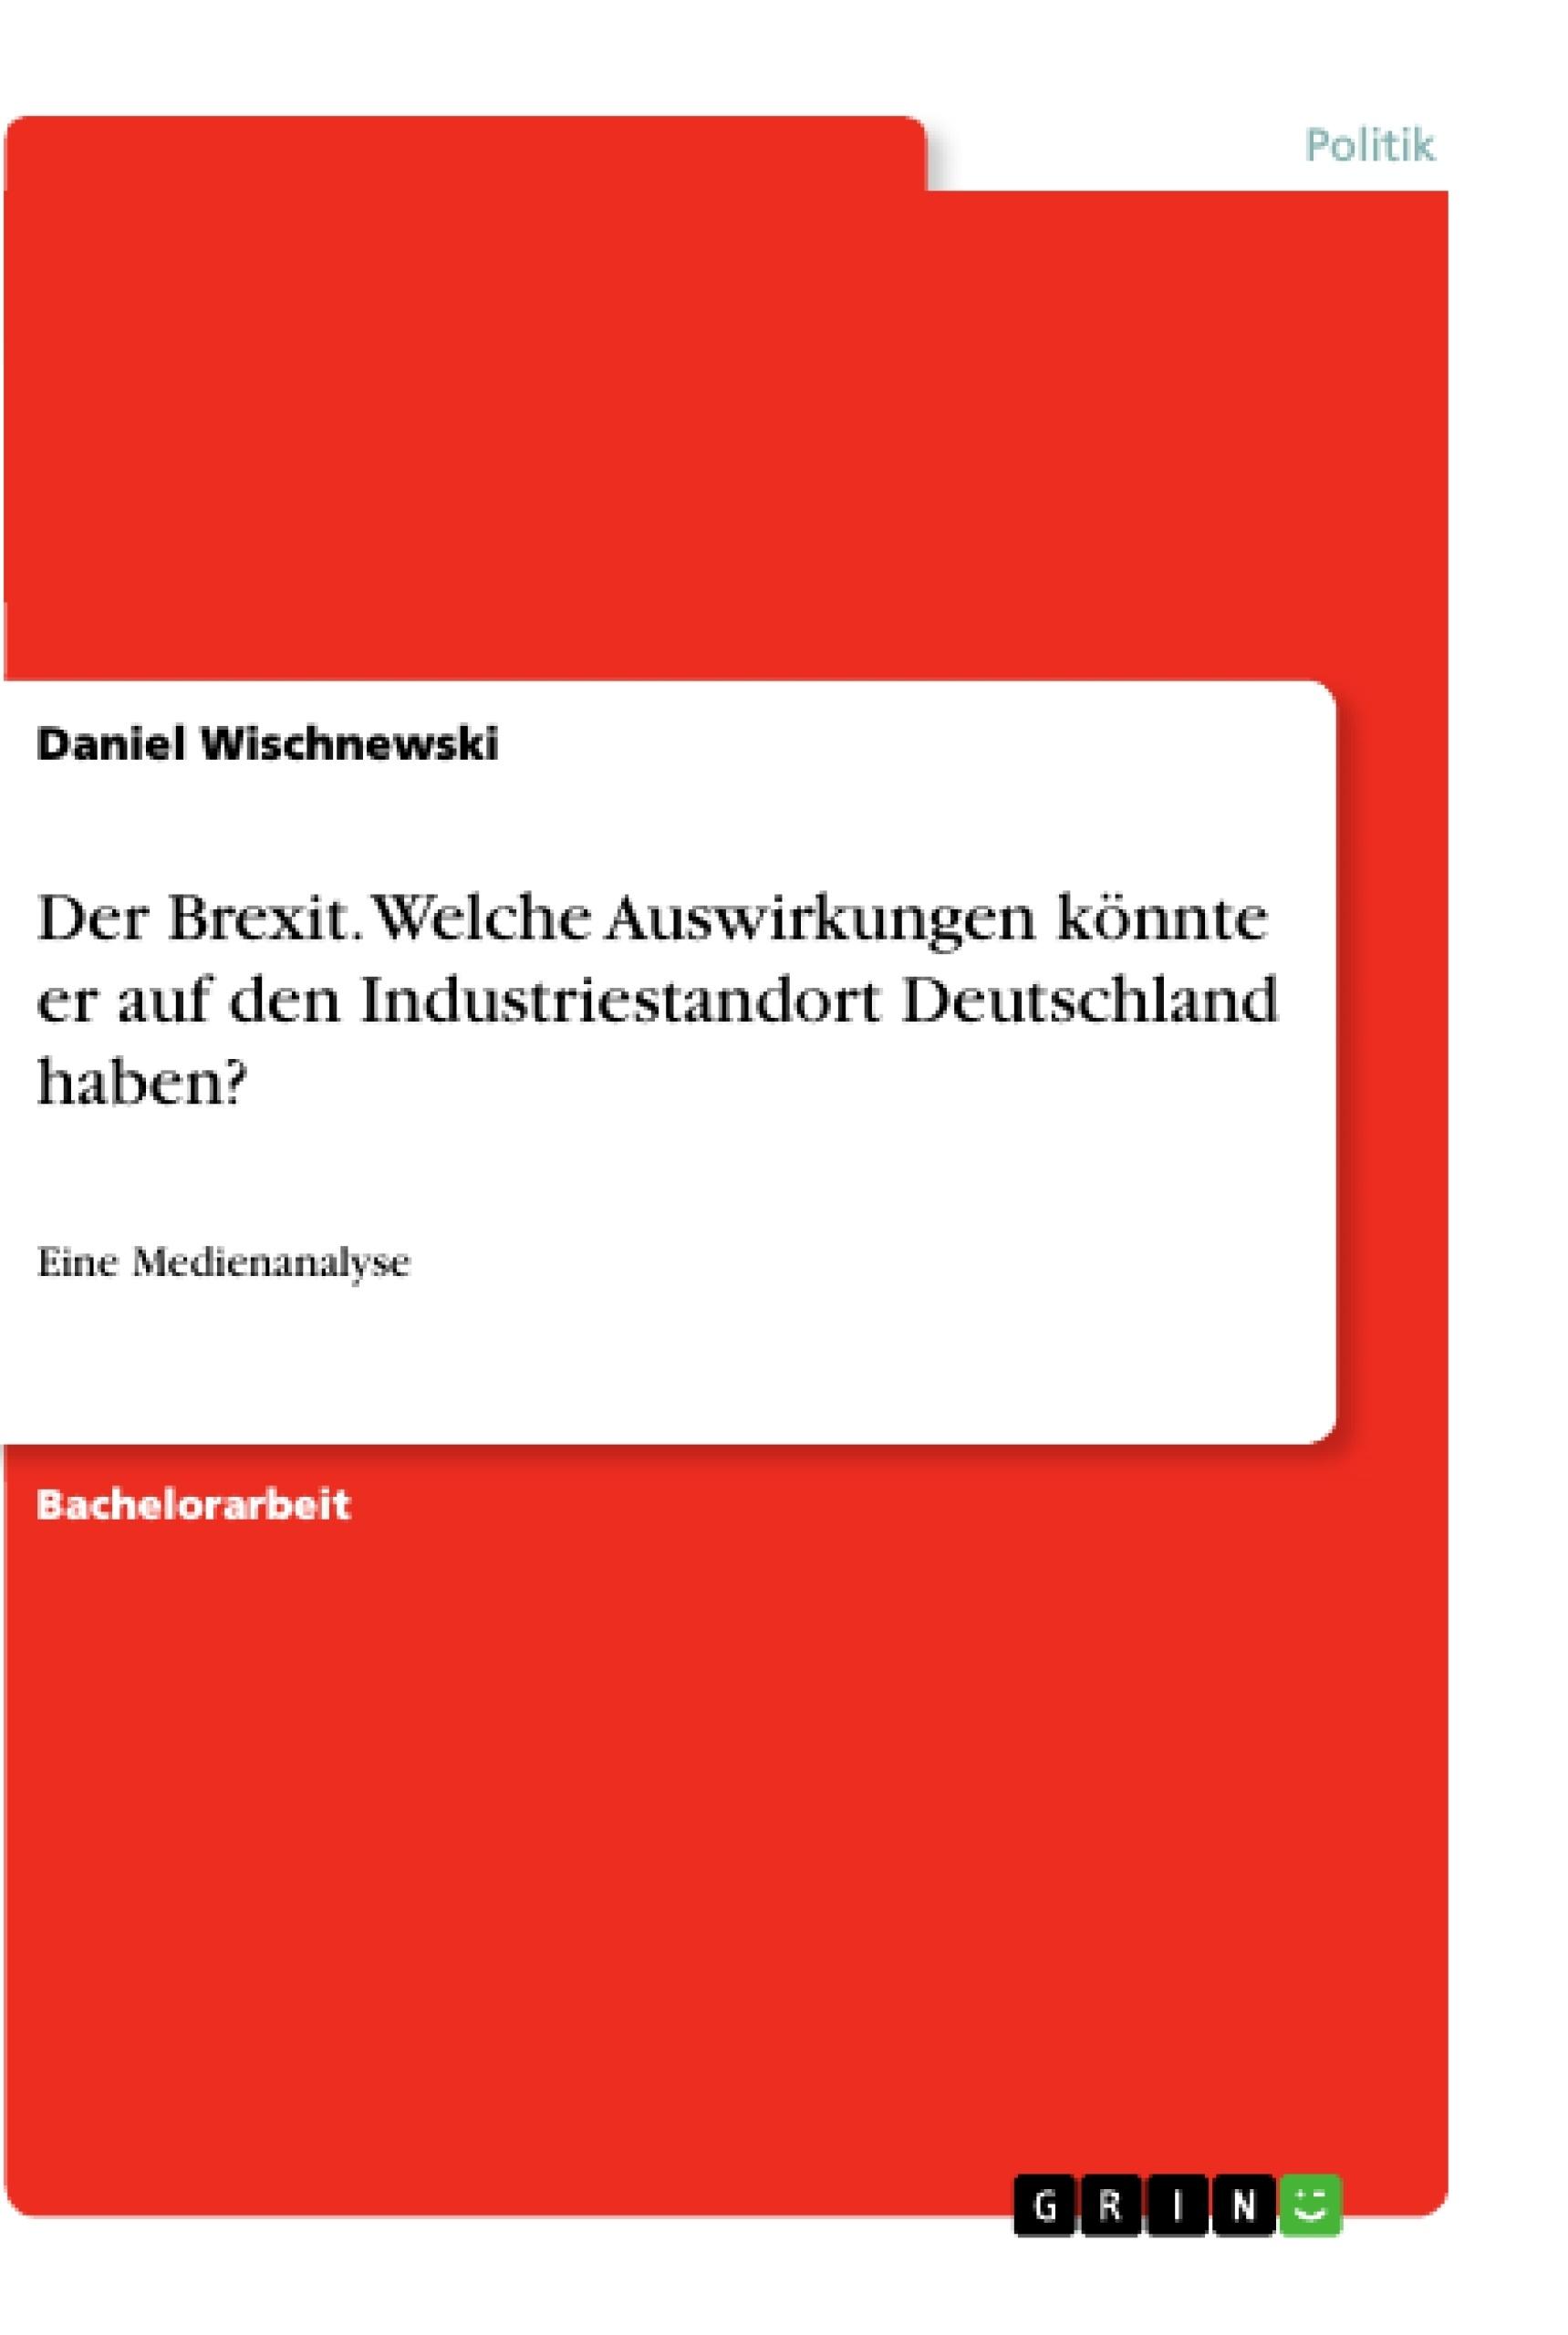 Titel: Der Brexit. Welche Auswirkungen könnte er auf den Industriestandort Deutschland haben?